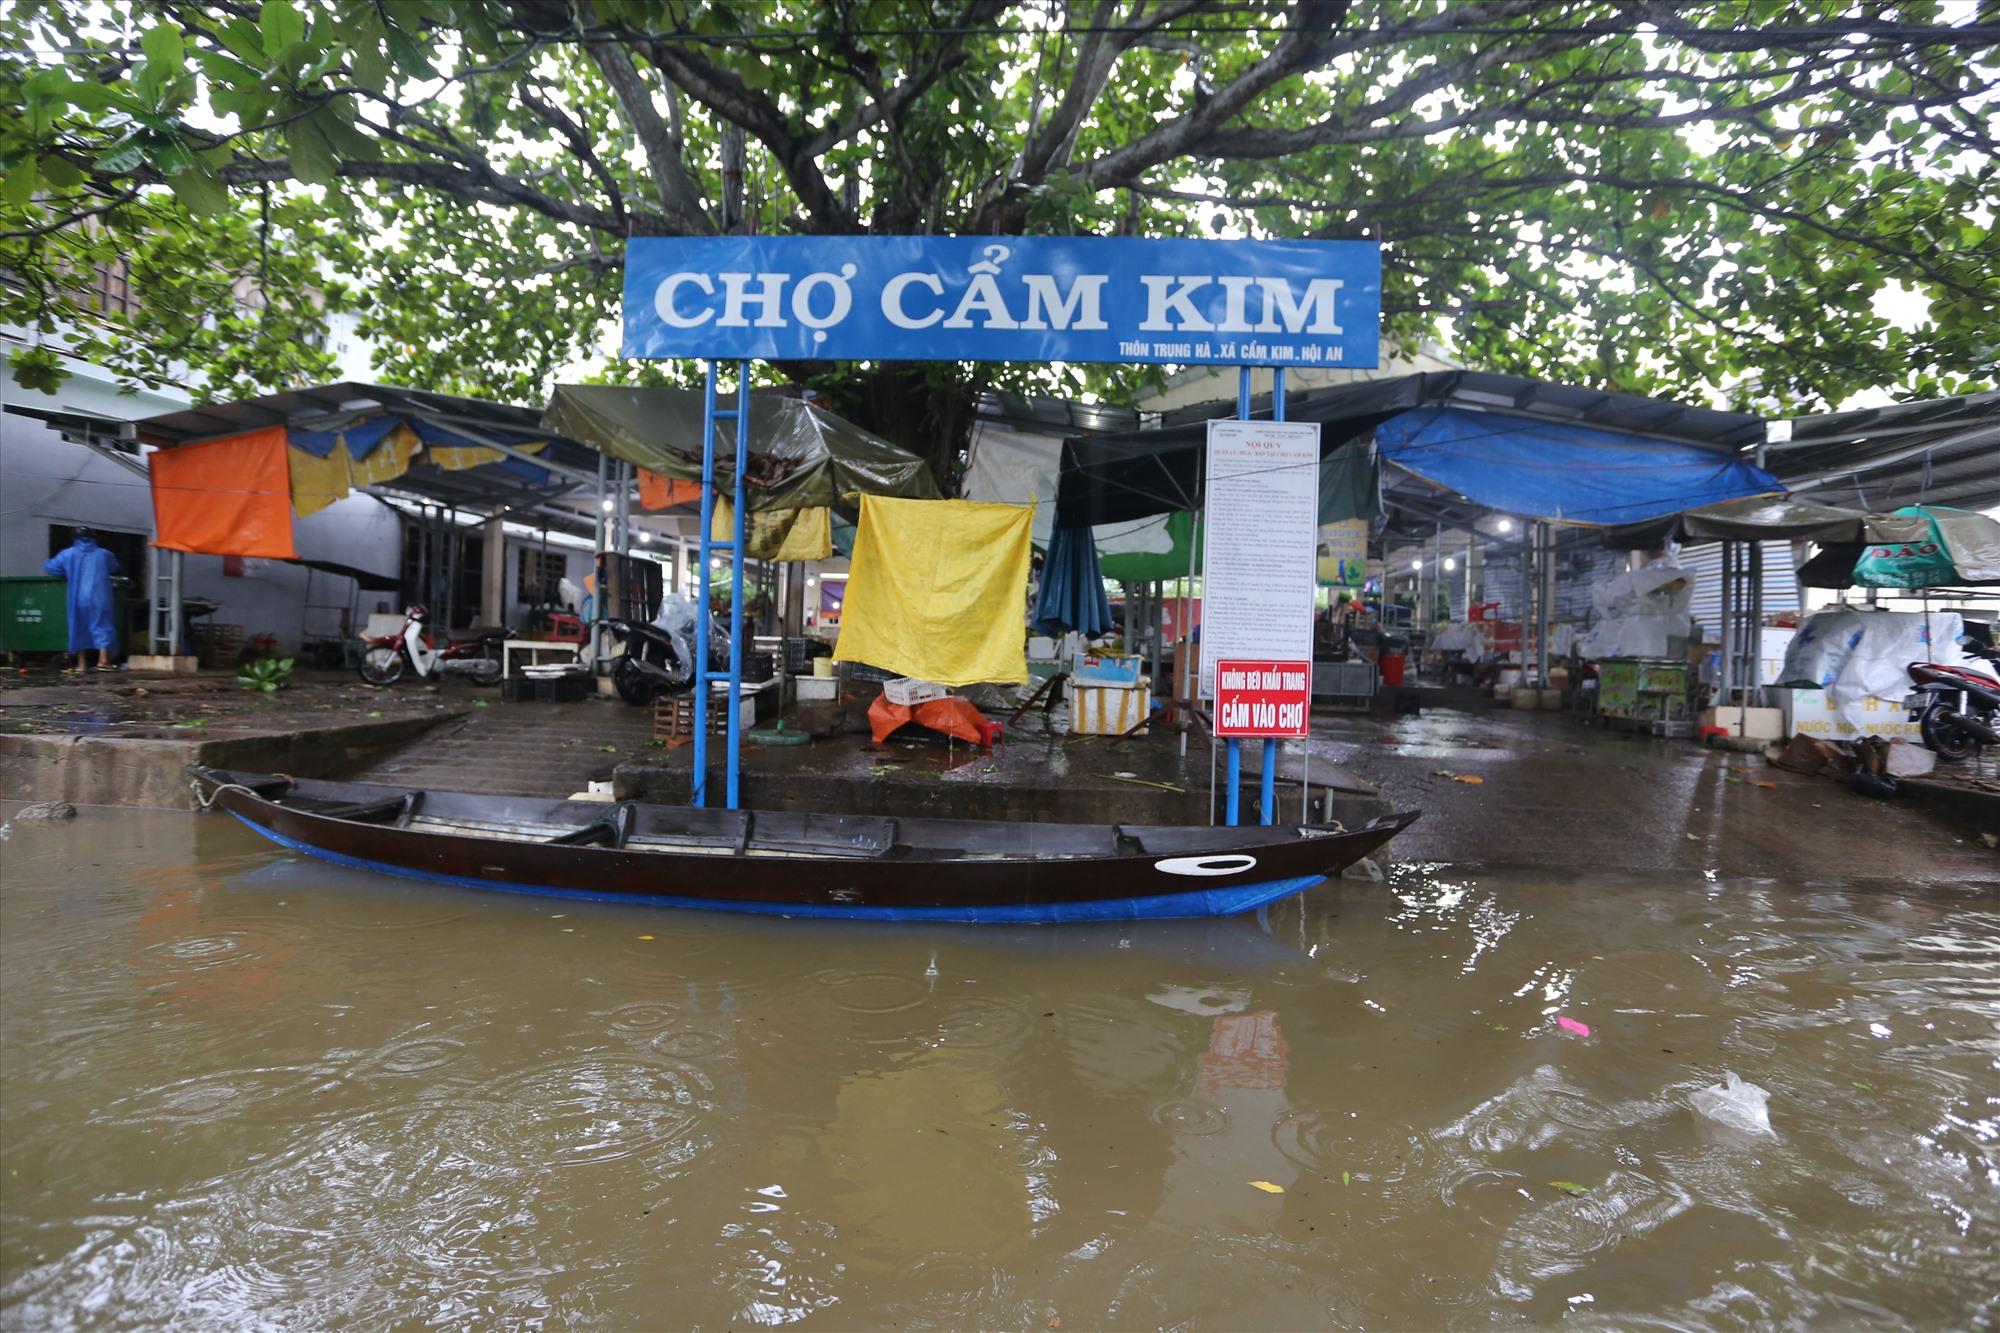 Sáng 8/10, chợ Cẩm Kim, TP Hội An nằm ven sông Thu Bồn bị nước lũ bủa vây nên ngừng hoạt động, tiểu thương đưa hàng lên cao hoặc đưa về nhà tránh lũ.